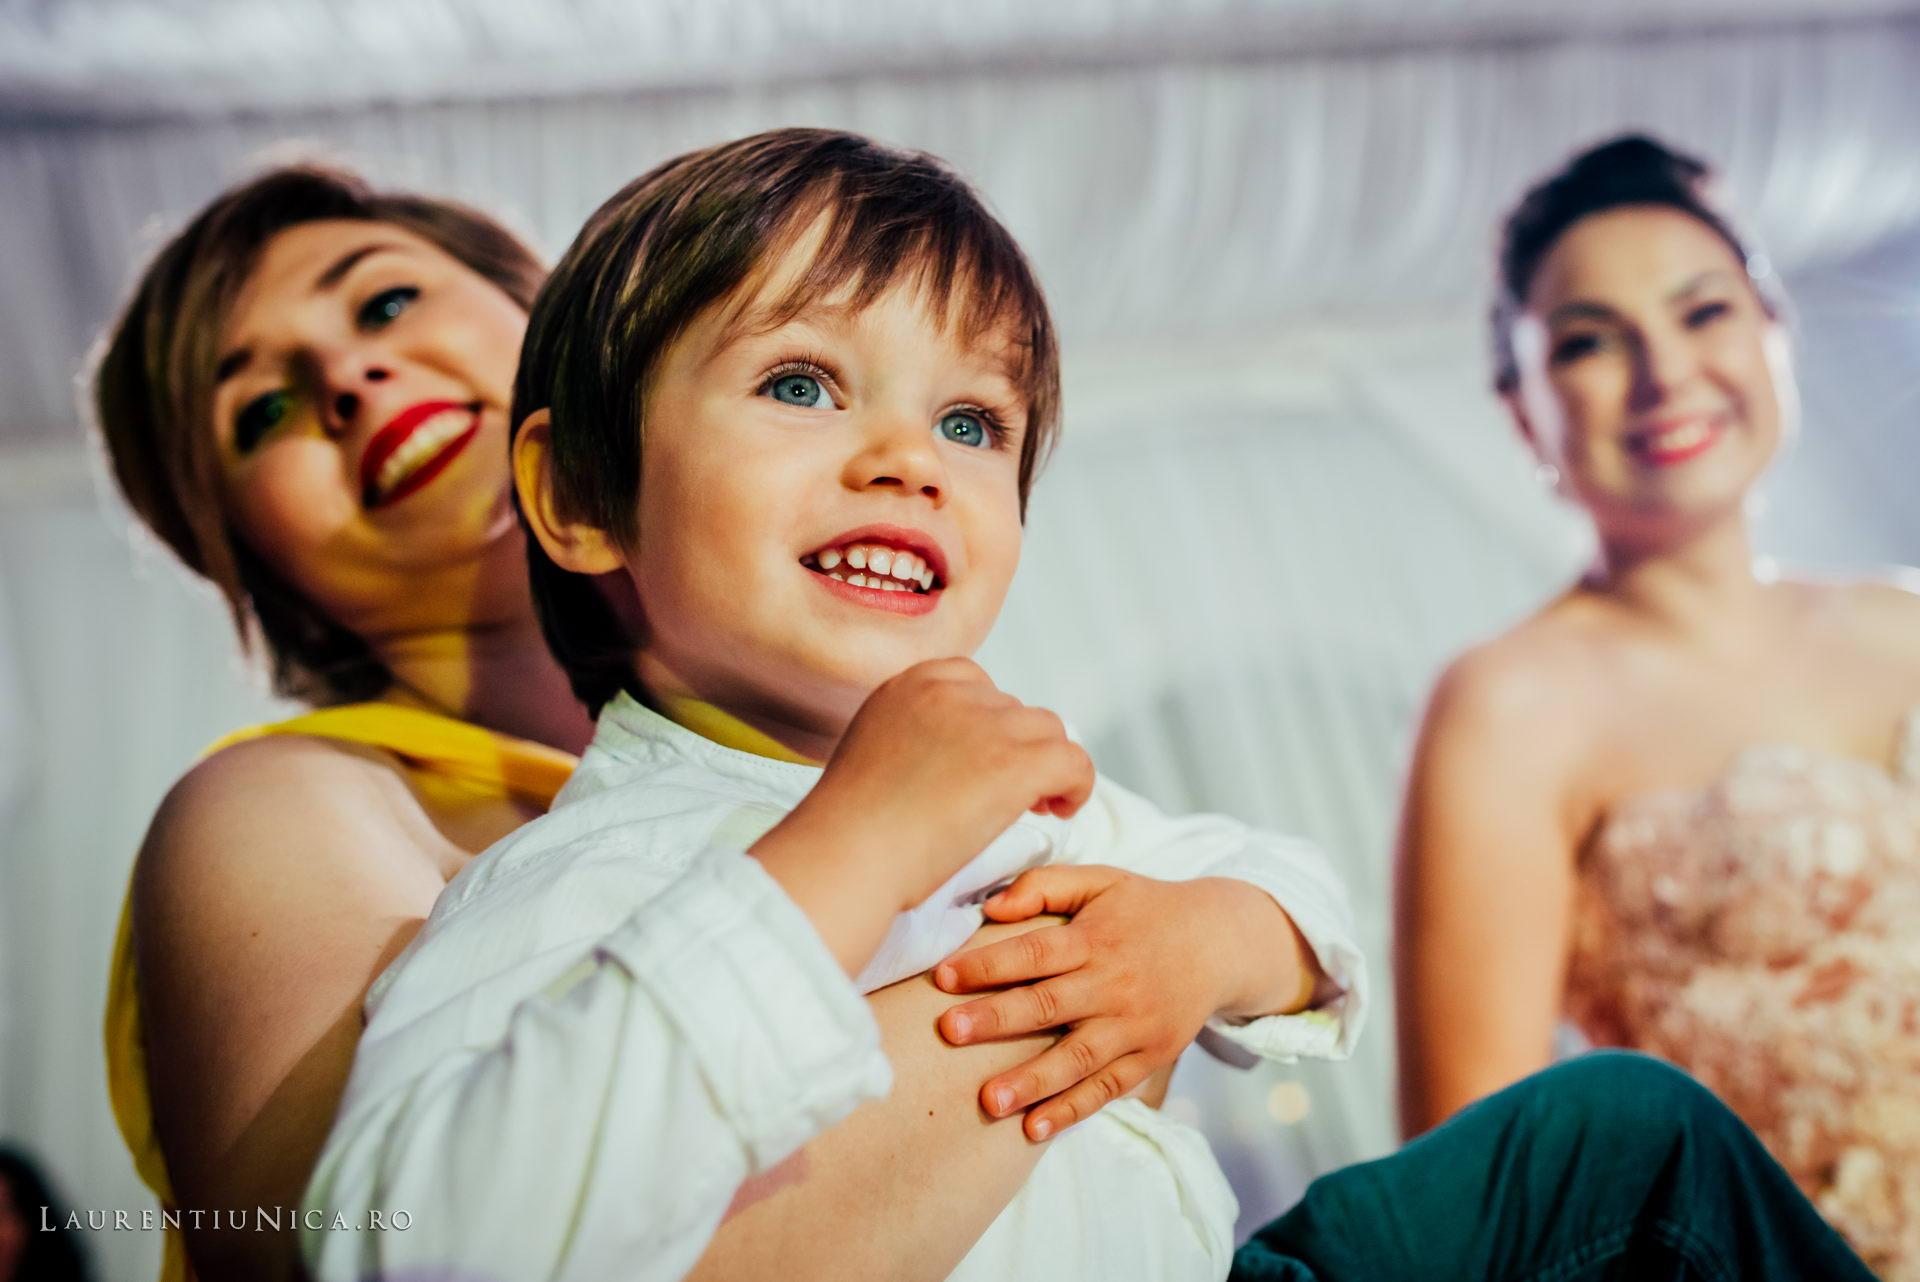 denisa si catalin fotograf nunta laurentiu nica craiova 76 - Denisa si Catalin | Fotografii nunta | Craiova